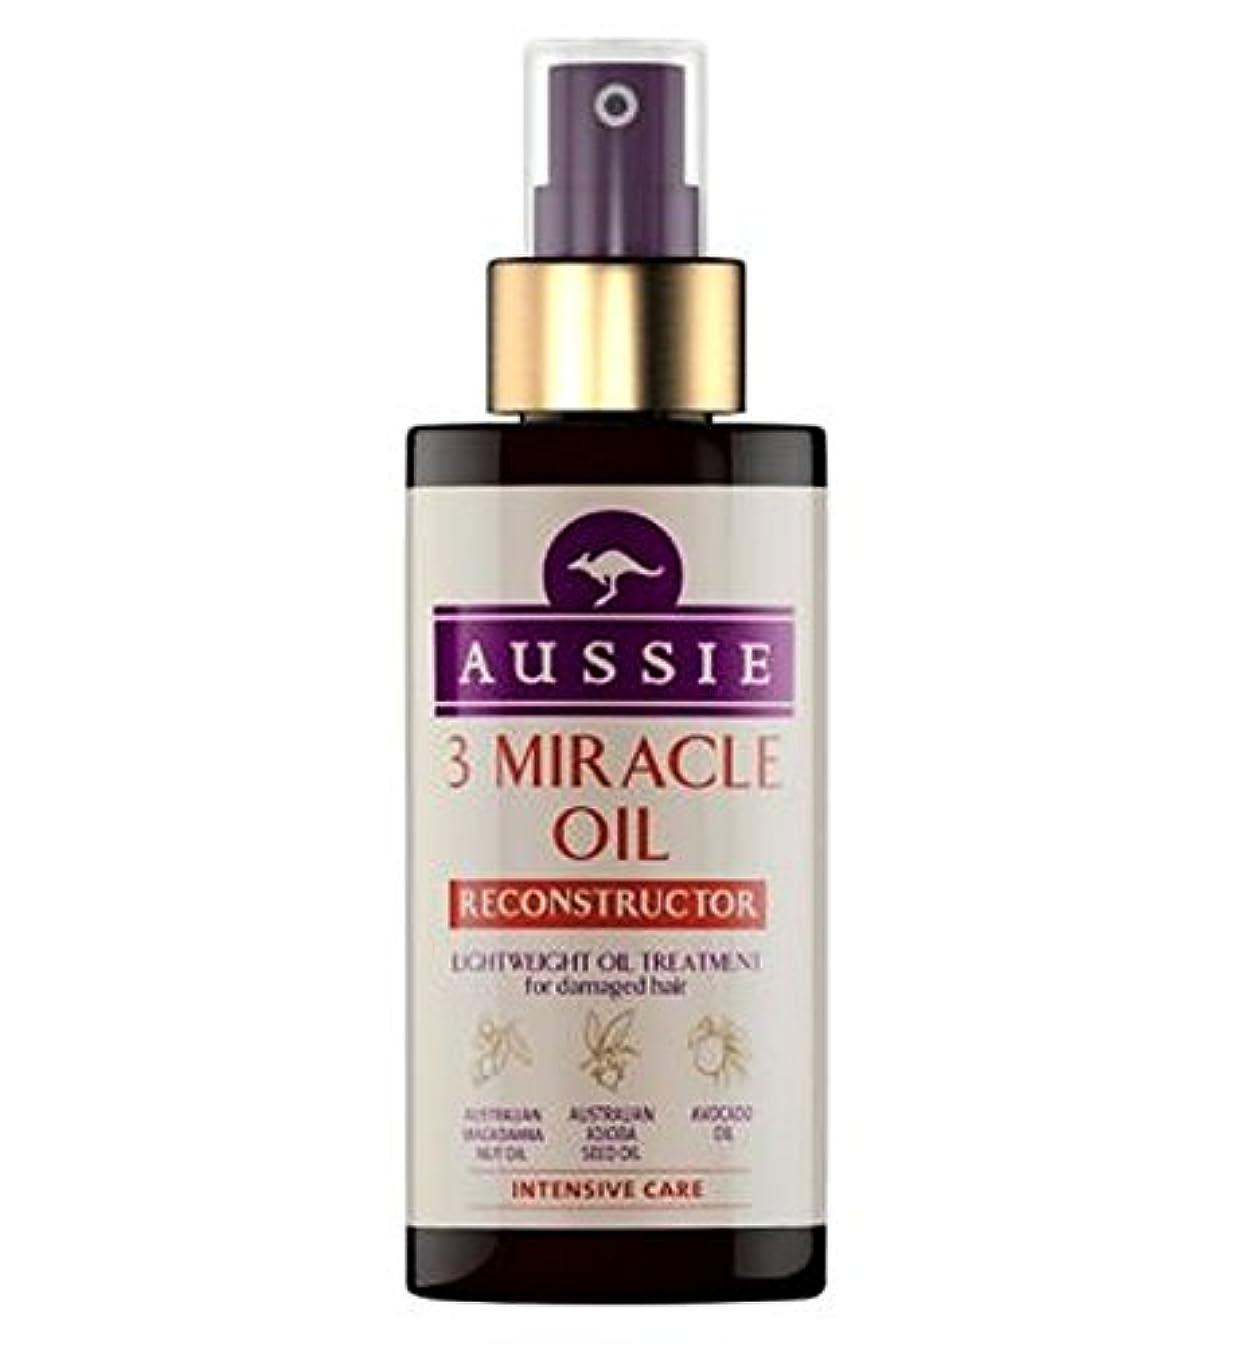 解説船酔い約設定Aussie 3 Miracle Oil Reconstructor for Damaged Hair 100ml - 傷んだ髪の100ミリリットルのためのオージー3奇跡のオイル再構成 (Aussie) [並行輸入品]